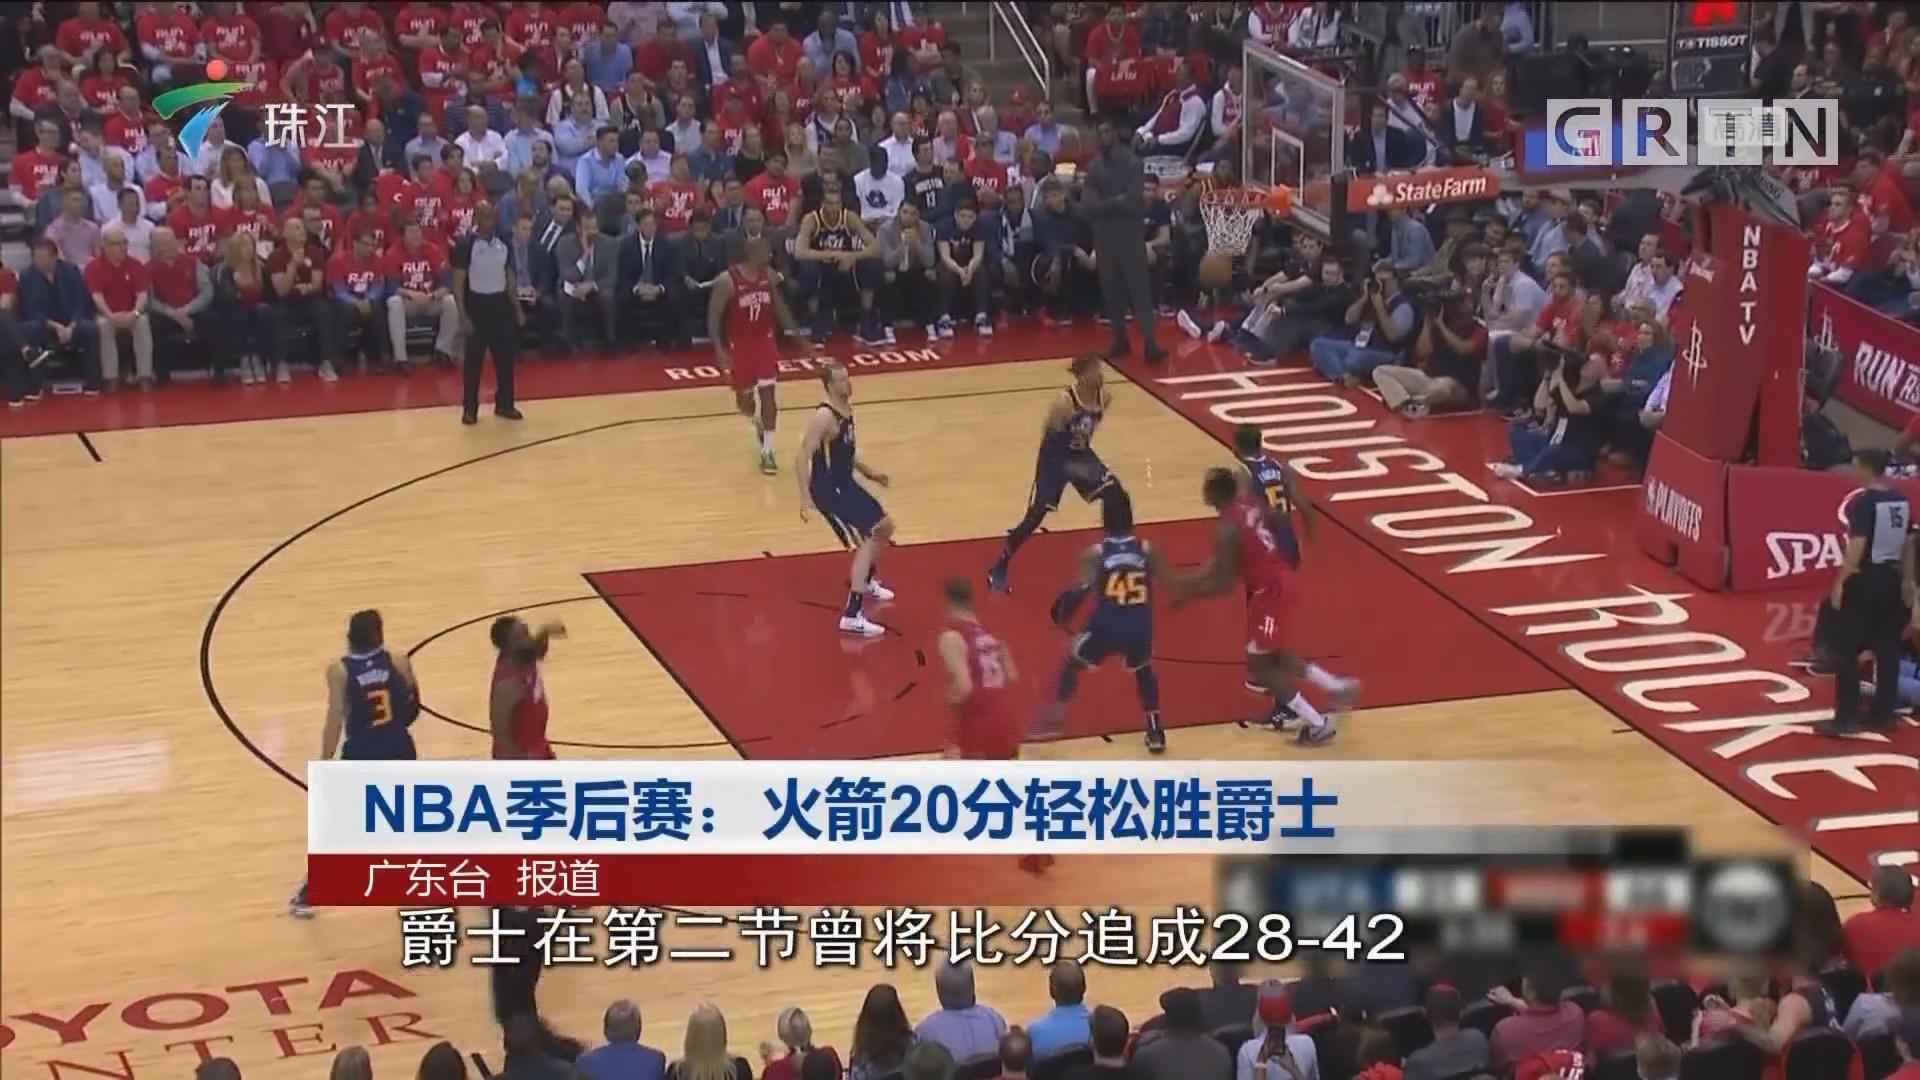 NBA季后赛:火箭20分轻松胜爵士